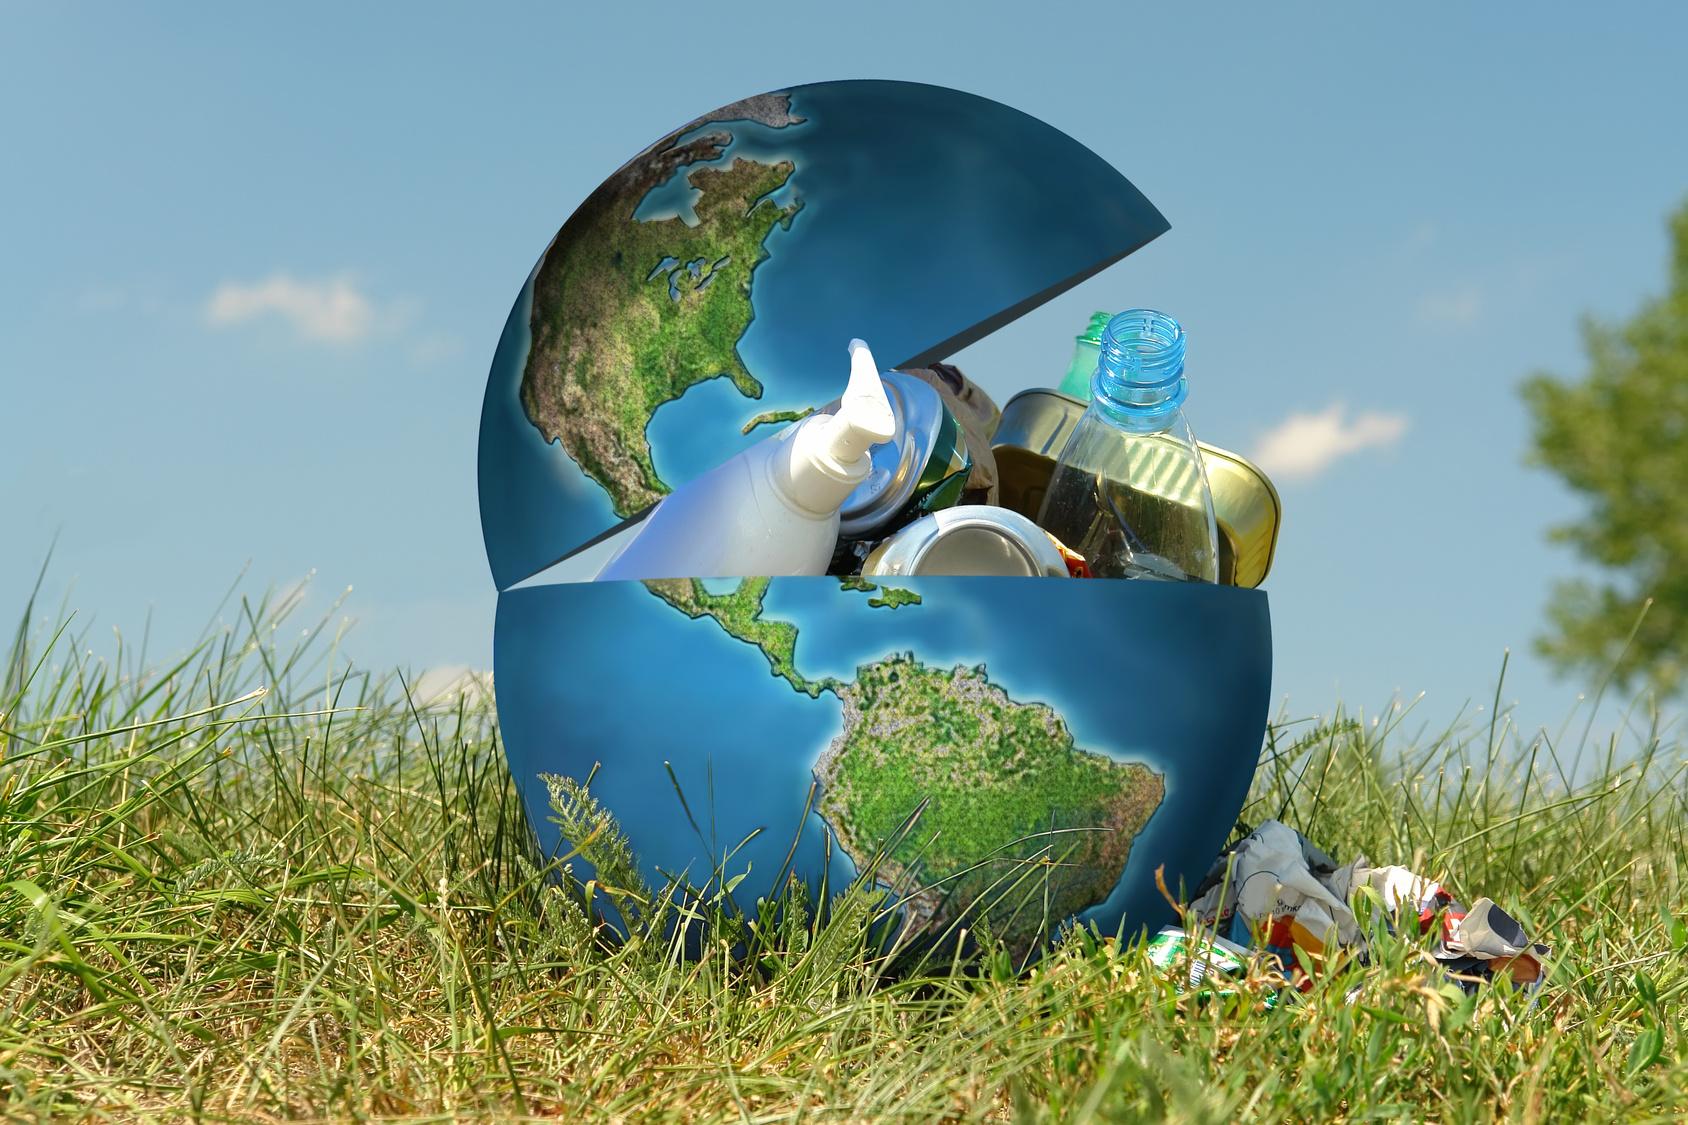 прицепе фотографии на тему экология россии гуглк наберите